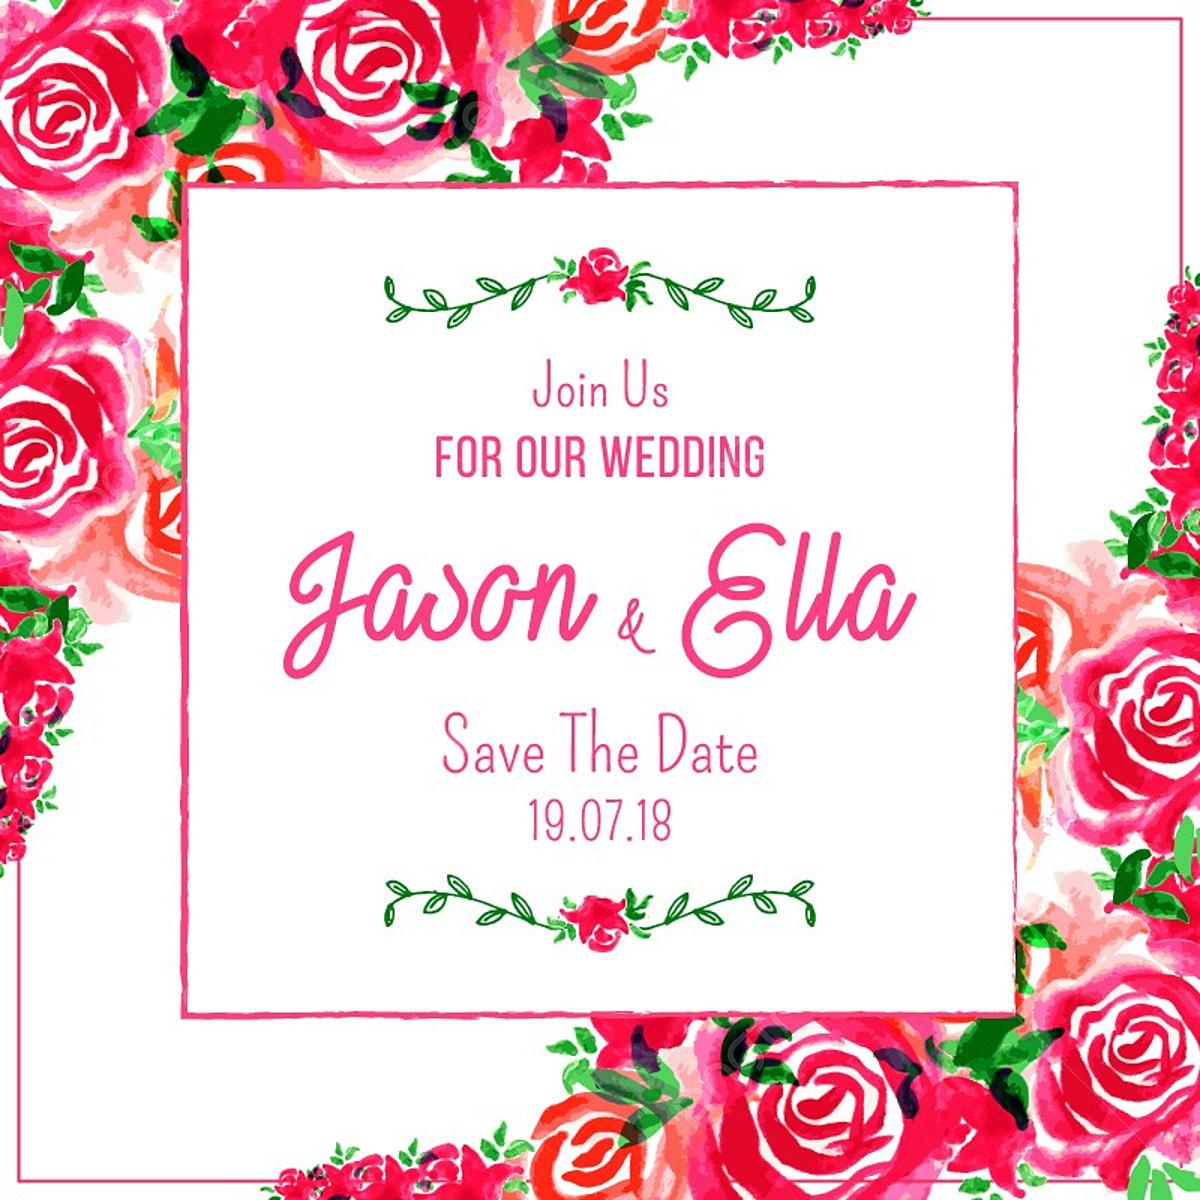 زفاف بطاقة دعوة مع ألوان مائية مرسومة باليد روز فريم